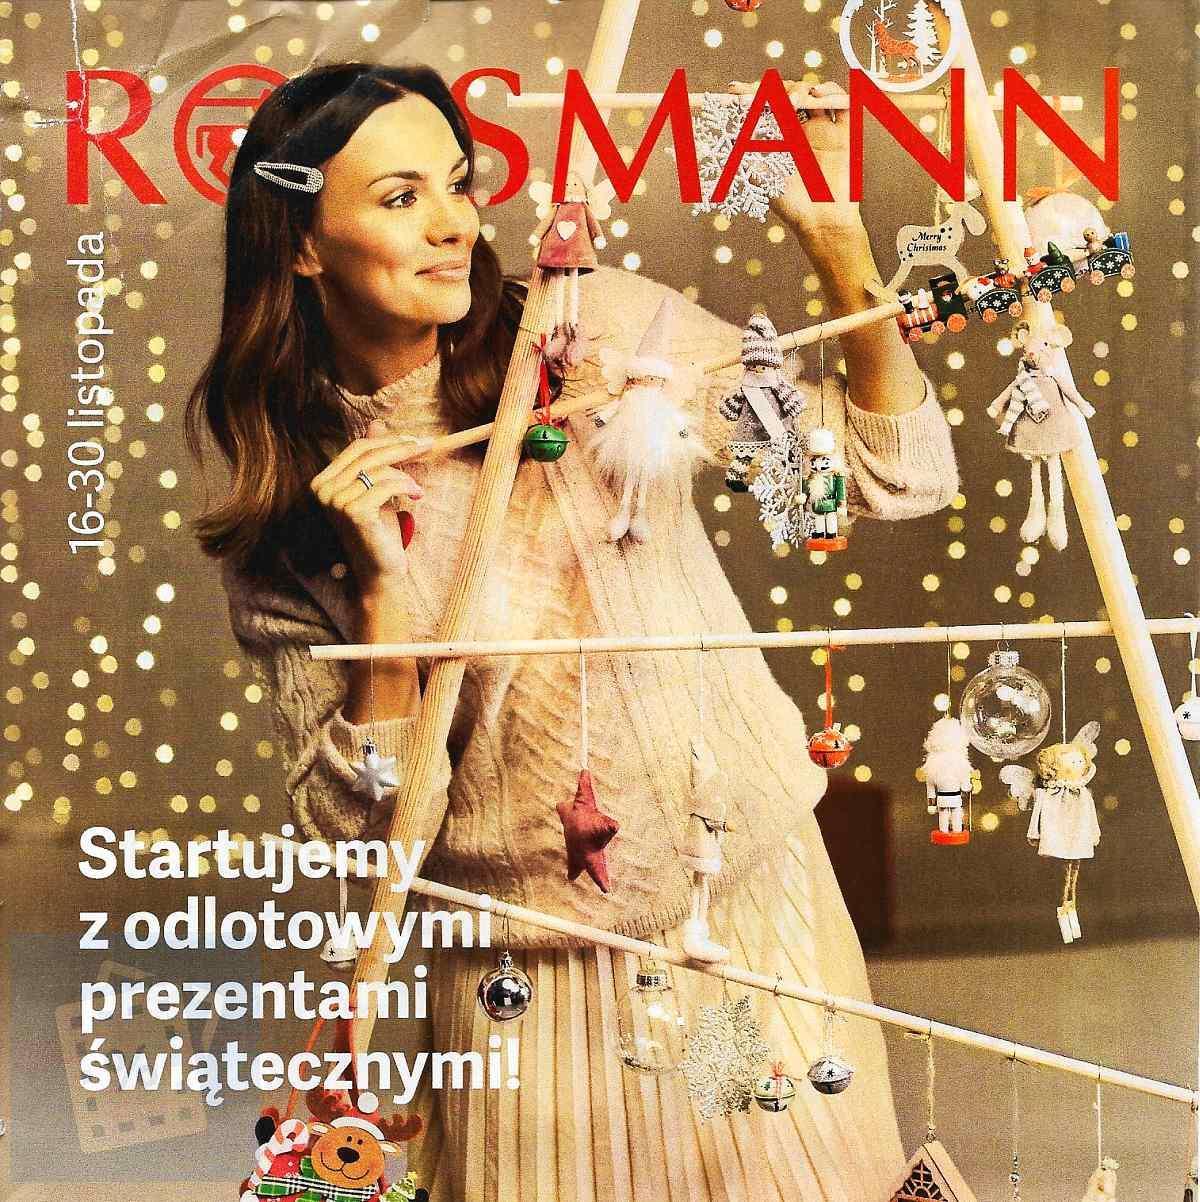 Gazetka promocyjna Rossmann do 30/11/2019 str.1